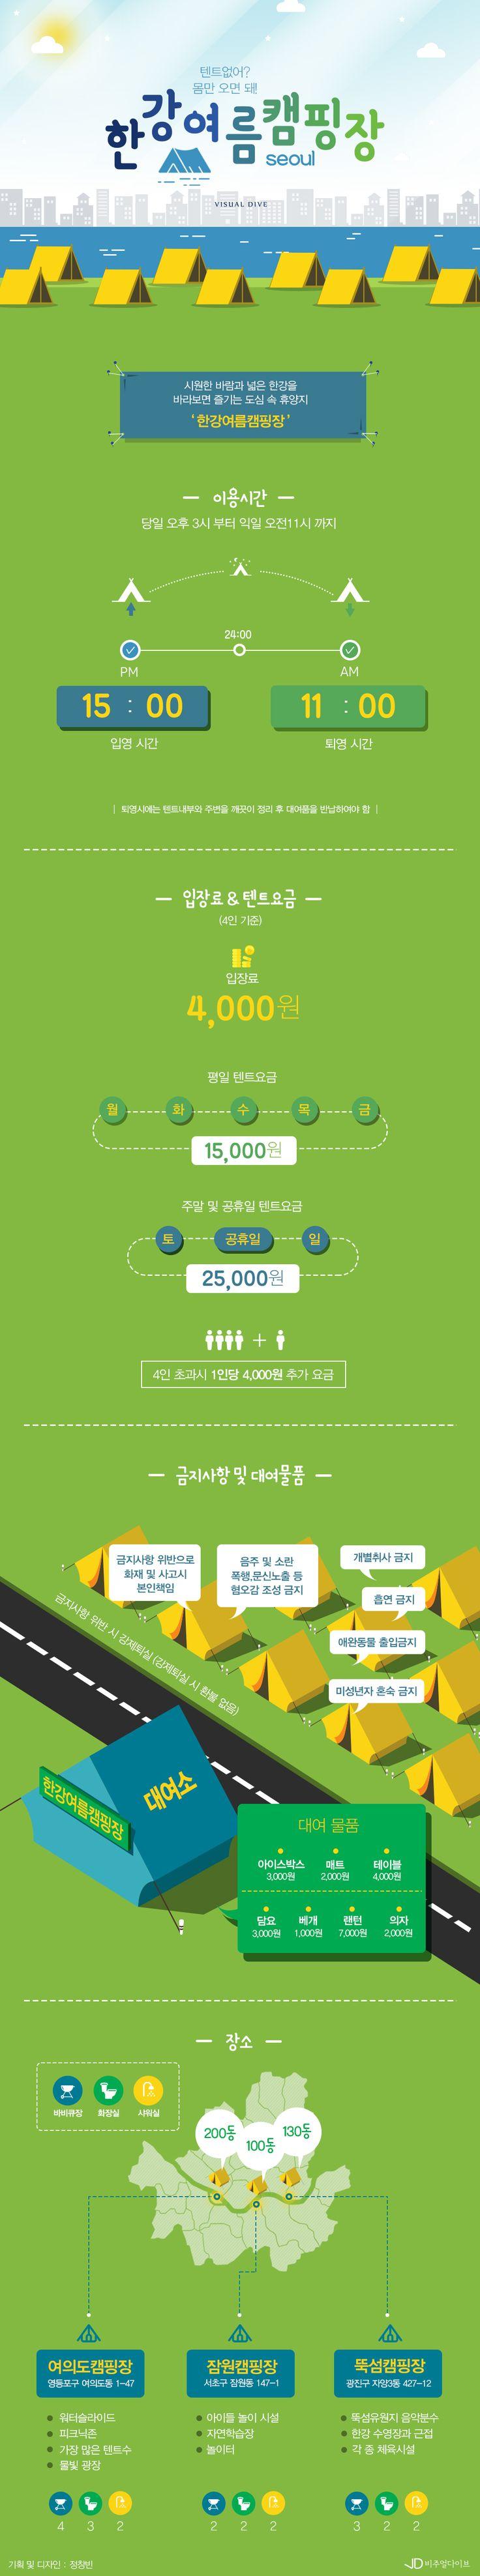 """""""텐트 없어? 몸만 오면 돼!"""" 한강 여름 캠핑장 [인포그래픽] #camping / #Infographic ⓒ 비주얼다이브 무단 복사·전재·재배포 금지"""